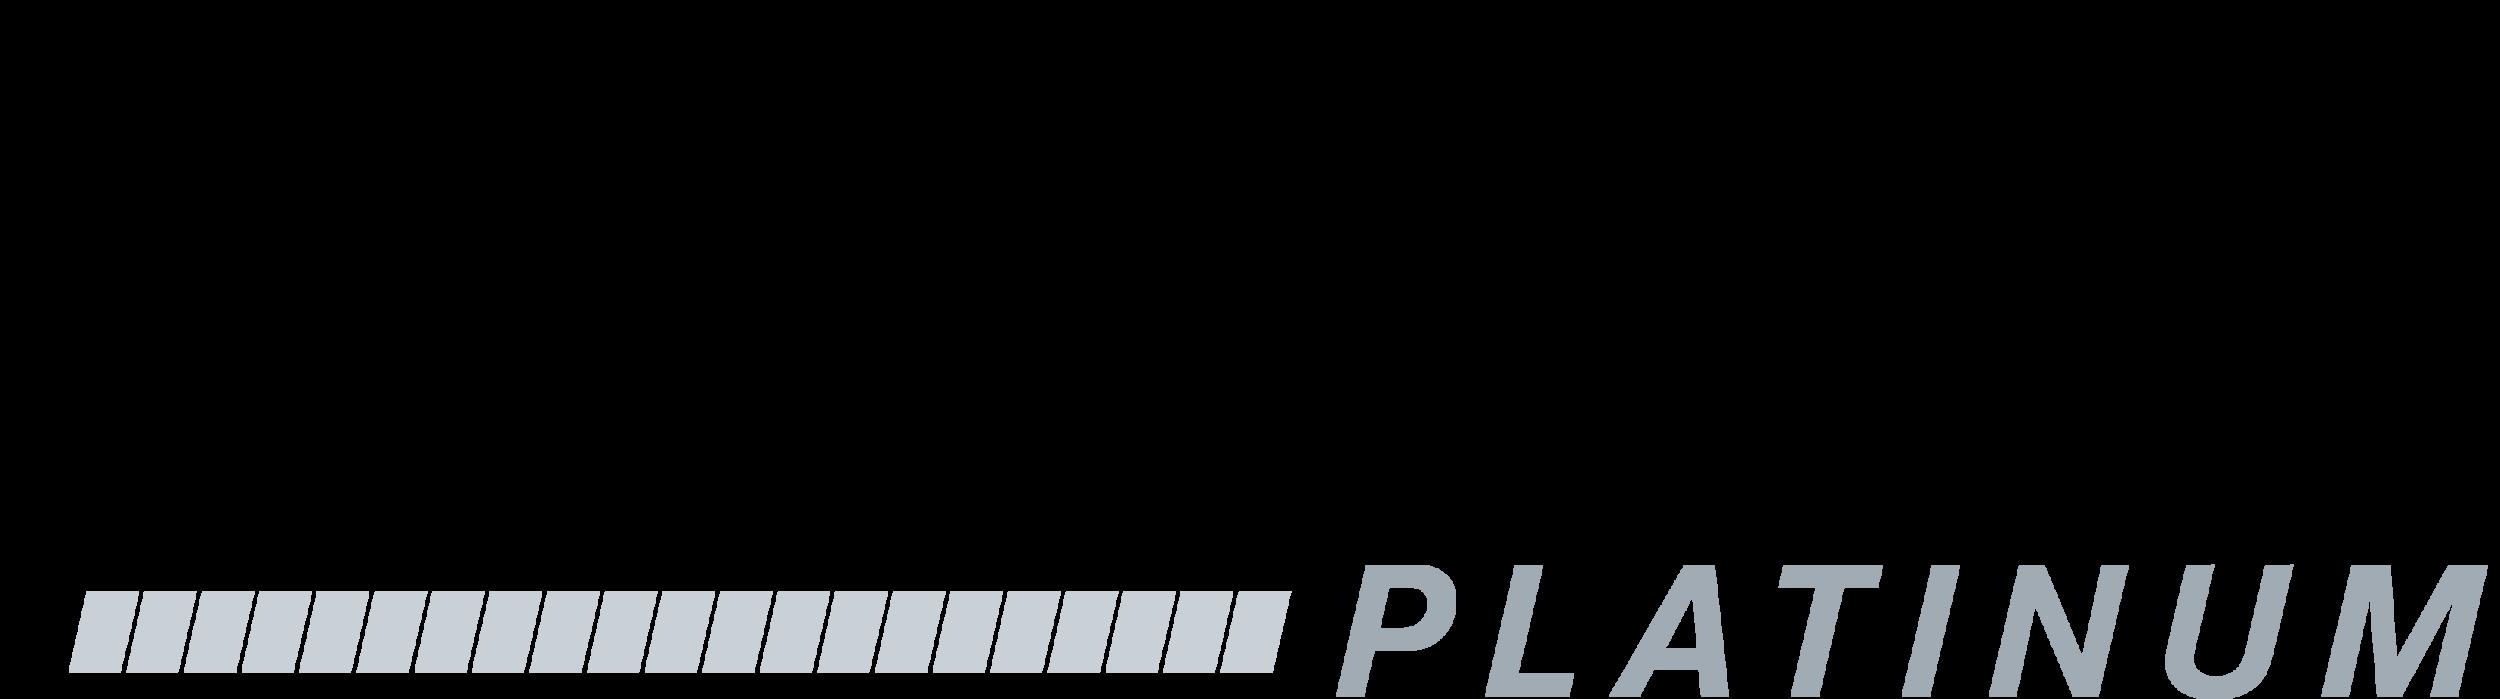 cirrus-platinum-training-center